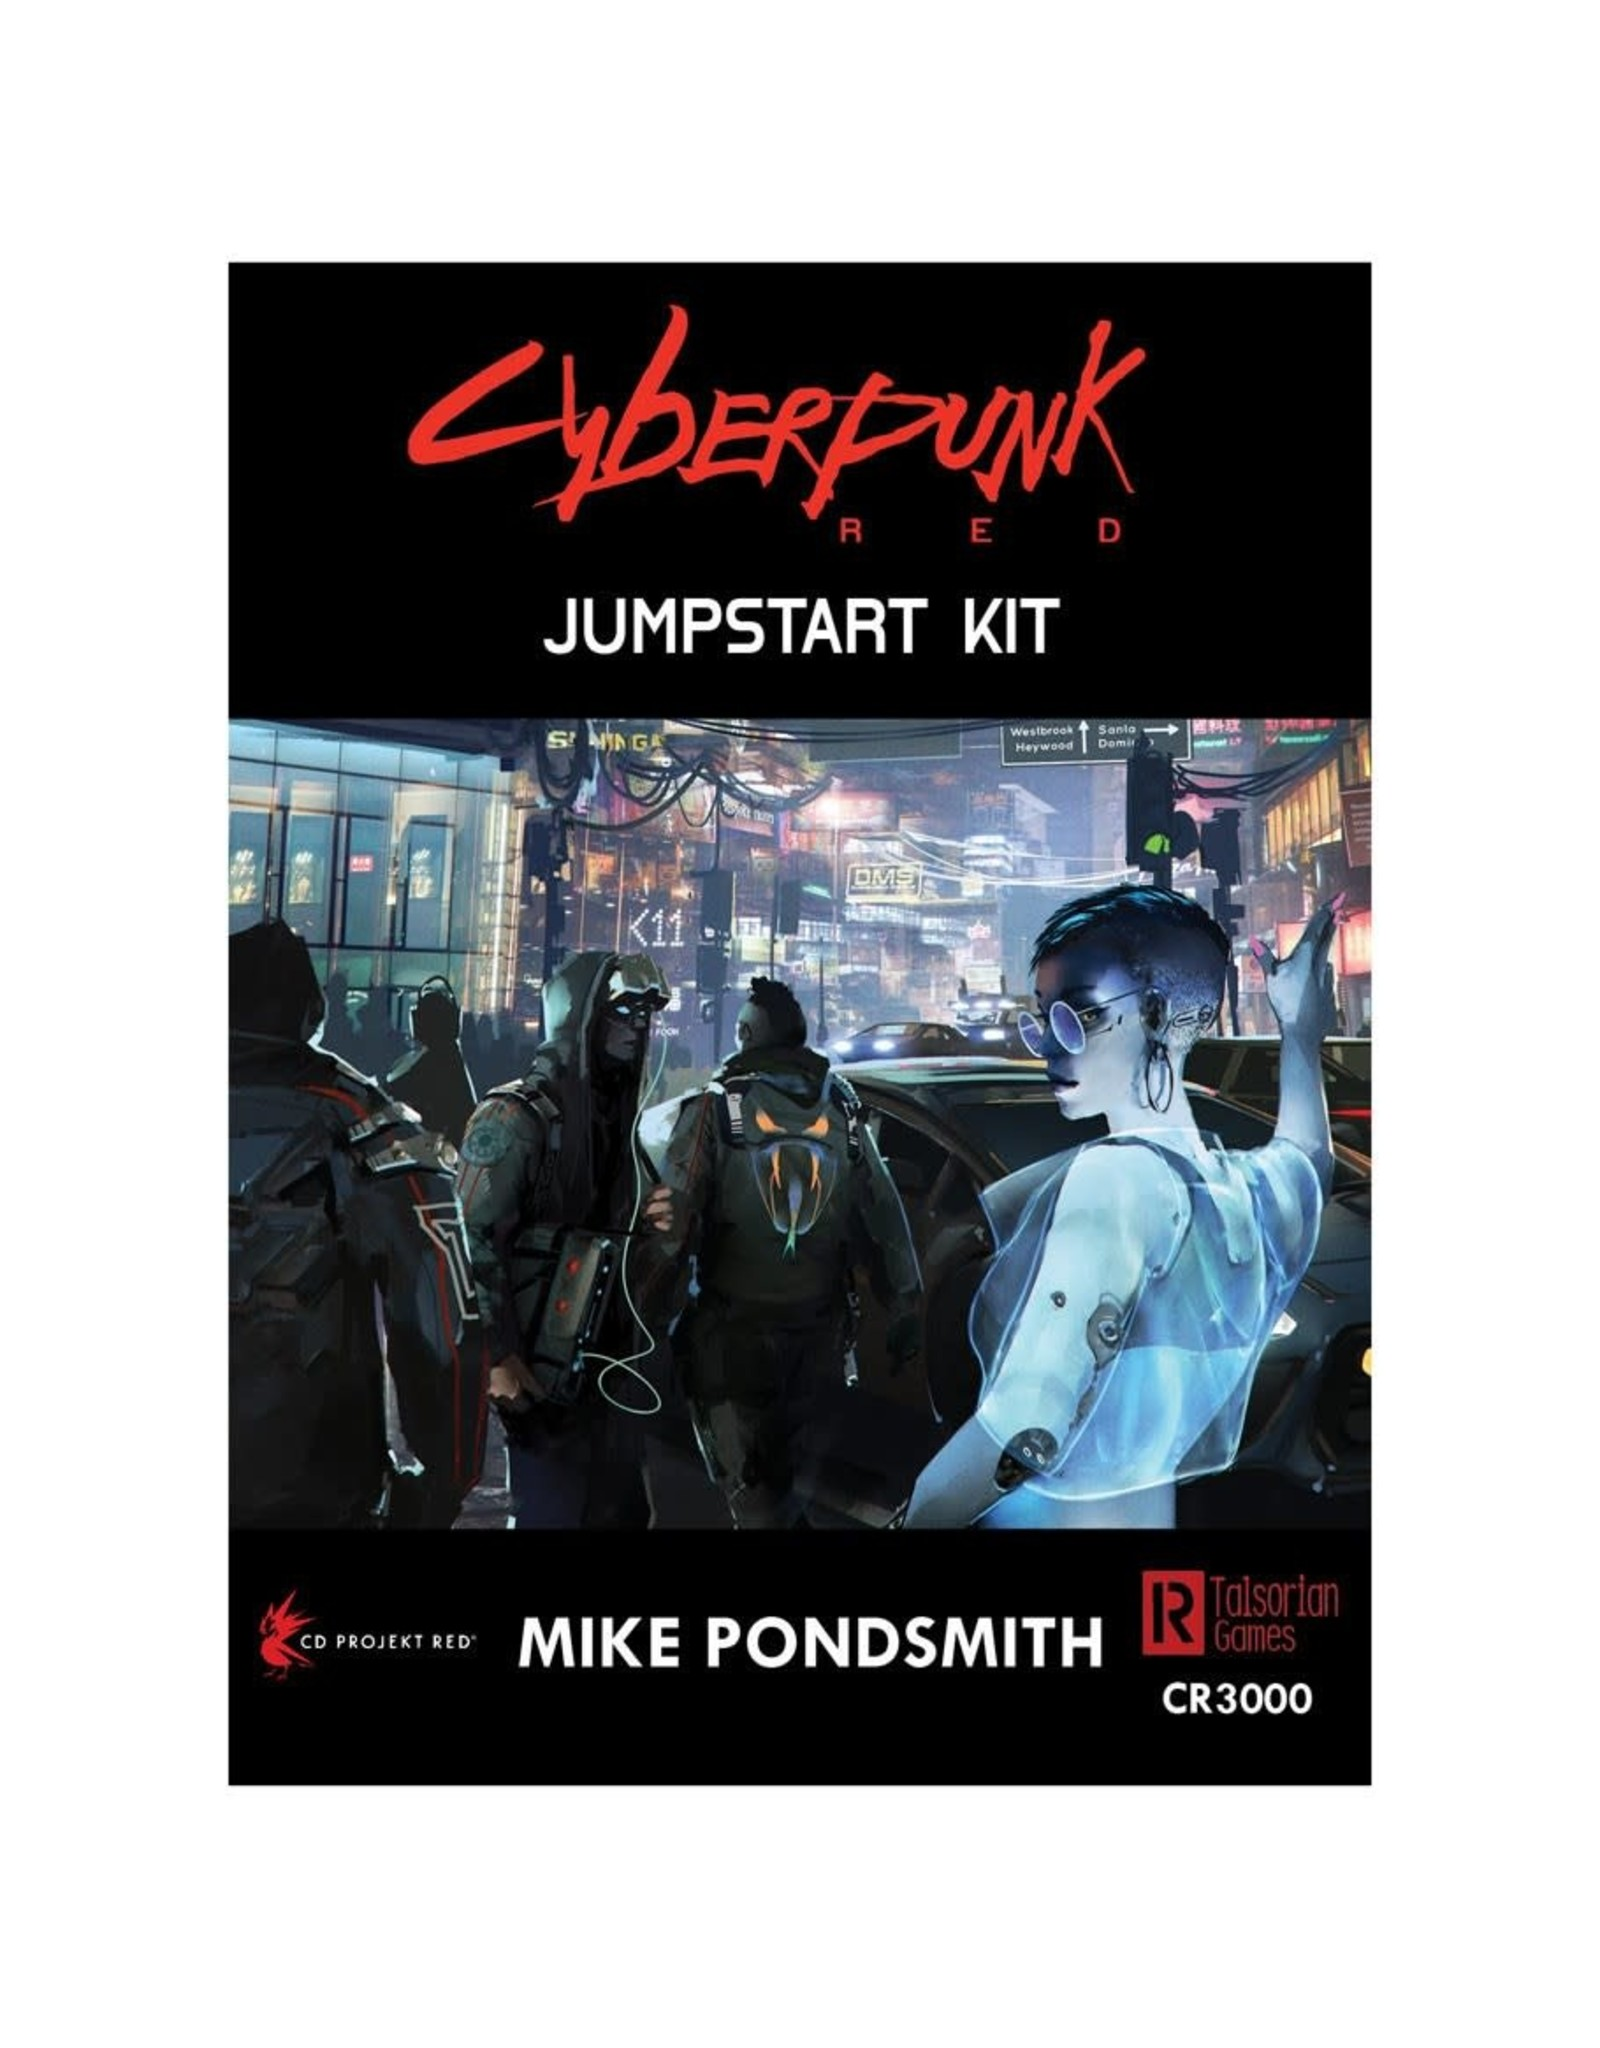 R. TALSORIAN GAMES Cyberpunk Red Jumpstart Kit